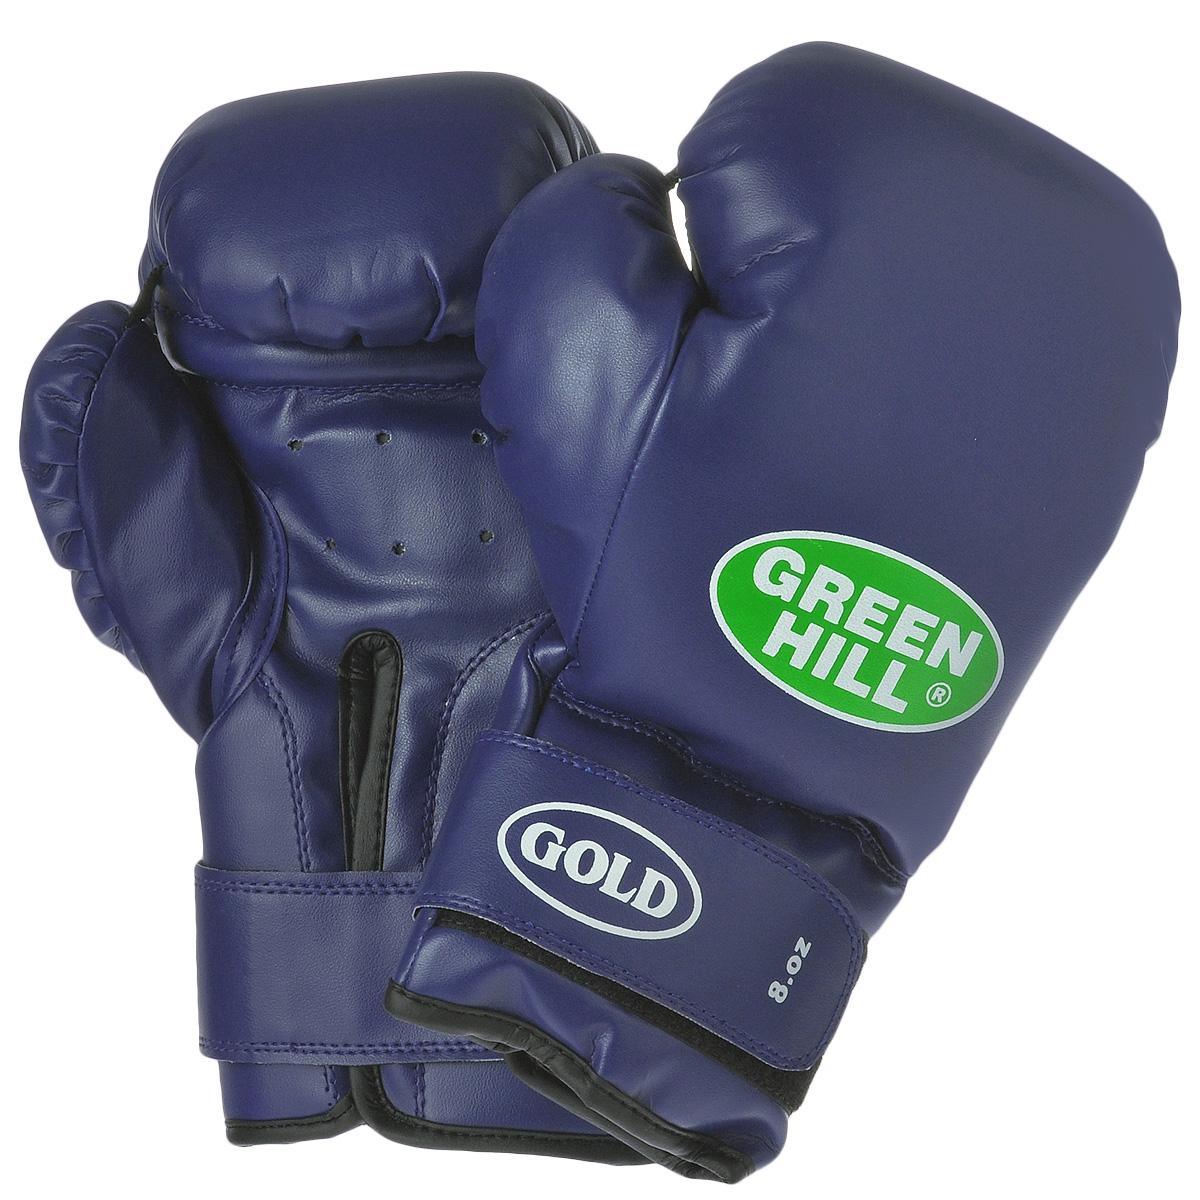 """Боксерские тренировочные перчатки Green Hill """"Gold"""" выполнены из высококачественной искусственной кожи. Они отлично подойдут для начинающих спортсменов. Мягкий наполнитель из очеса предотвращает любые травмы. Широкий ремень, охватывая запястье, полностью оборачивается вокруг манжеты, благодаря чему создается дополнительная защита лучезапястного сустава от травм. Застежка на липучке способствует быстрому и удобному одеванию перчаток, плотно фиксирует перчатки на руке."""